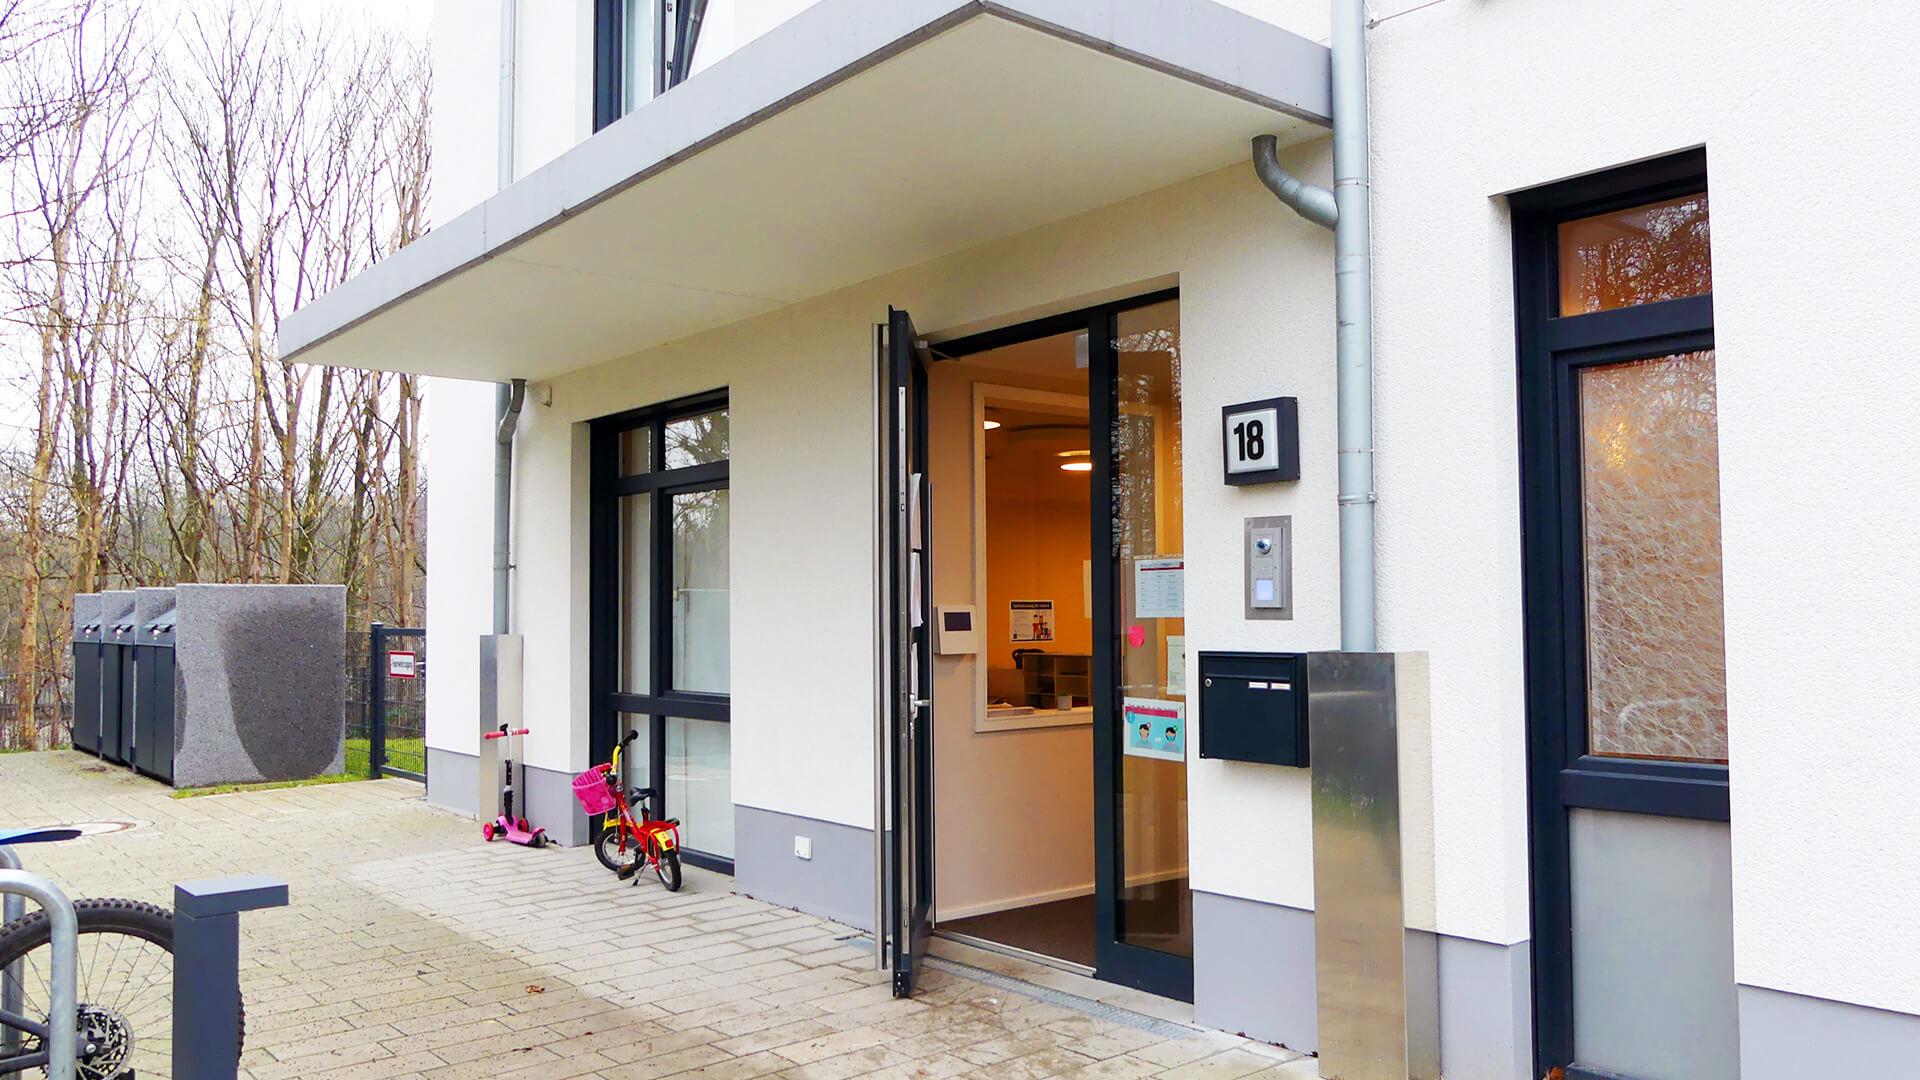 Eingangstür der Kindertagesstätte mit Fahrrädern und Kinderroller